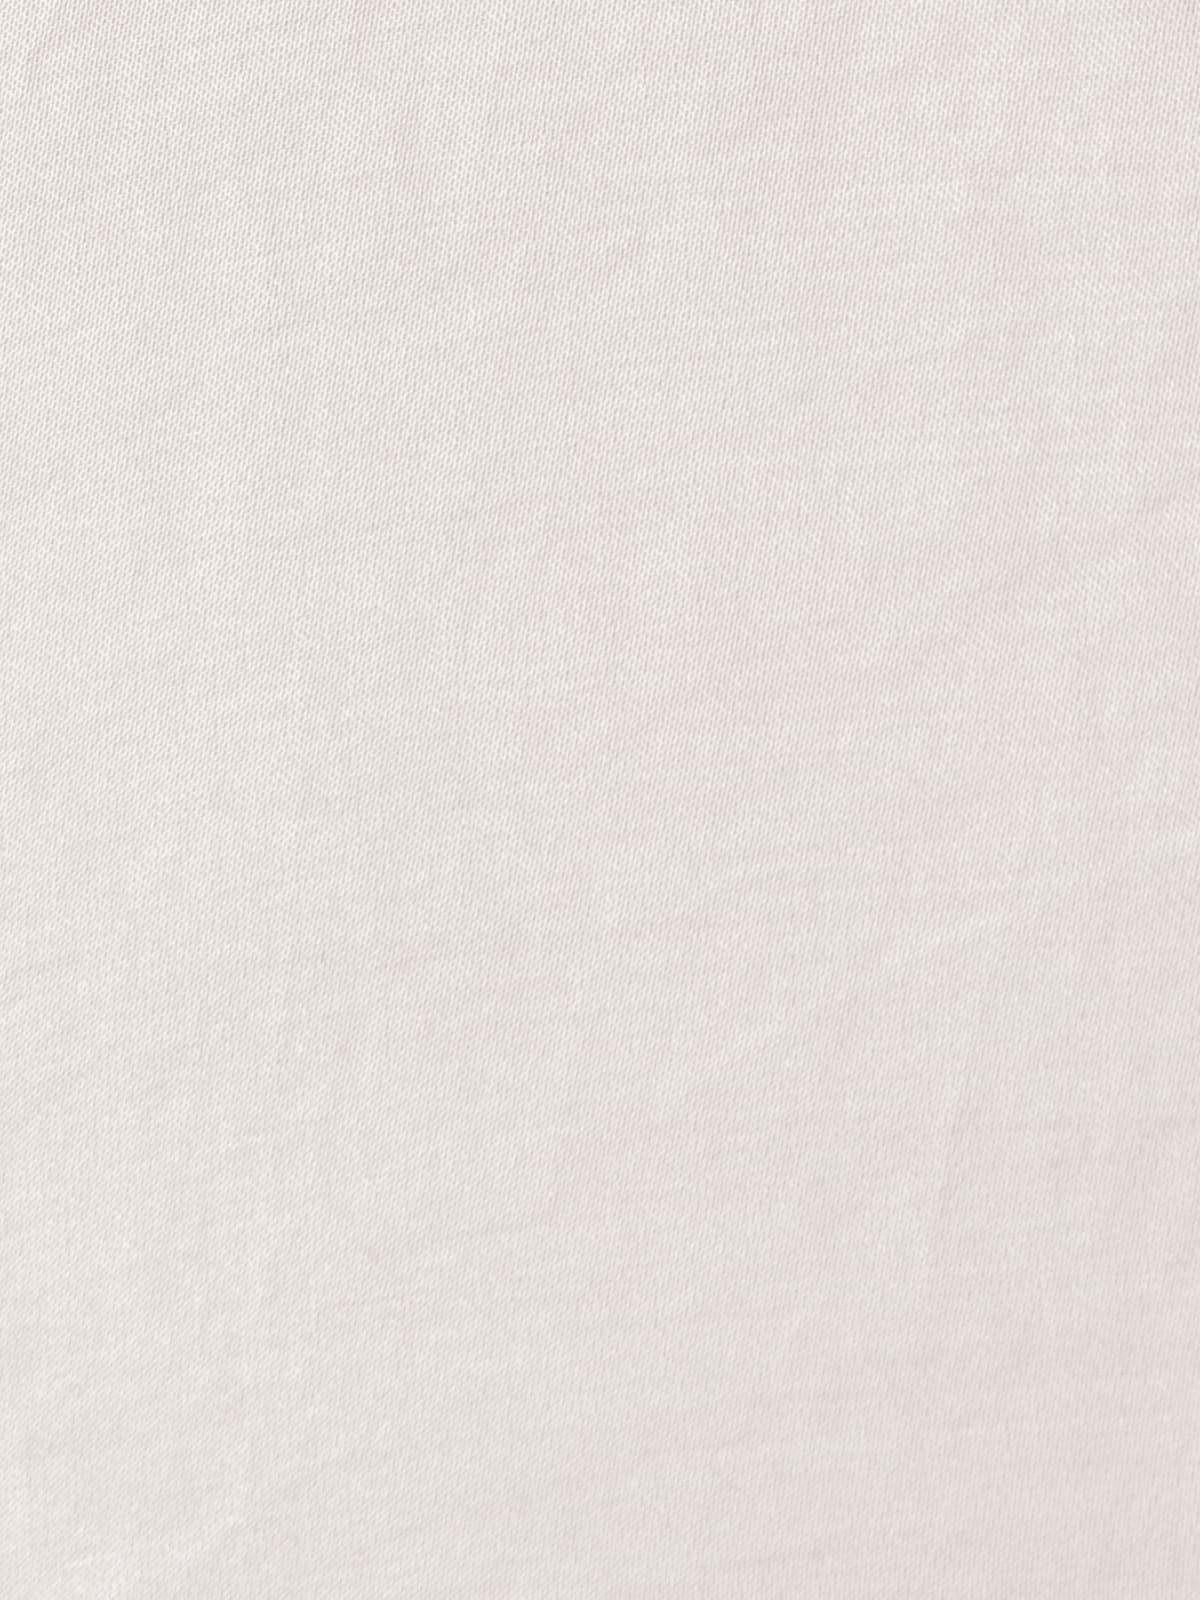 Woman Long sleeve flowy t-shirt Beige